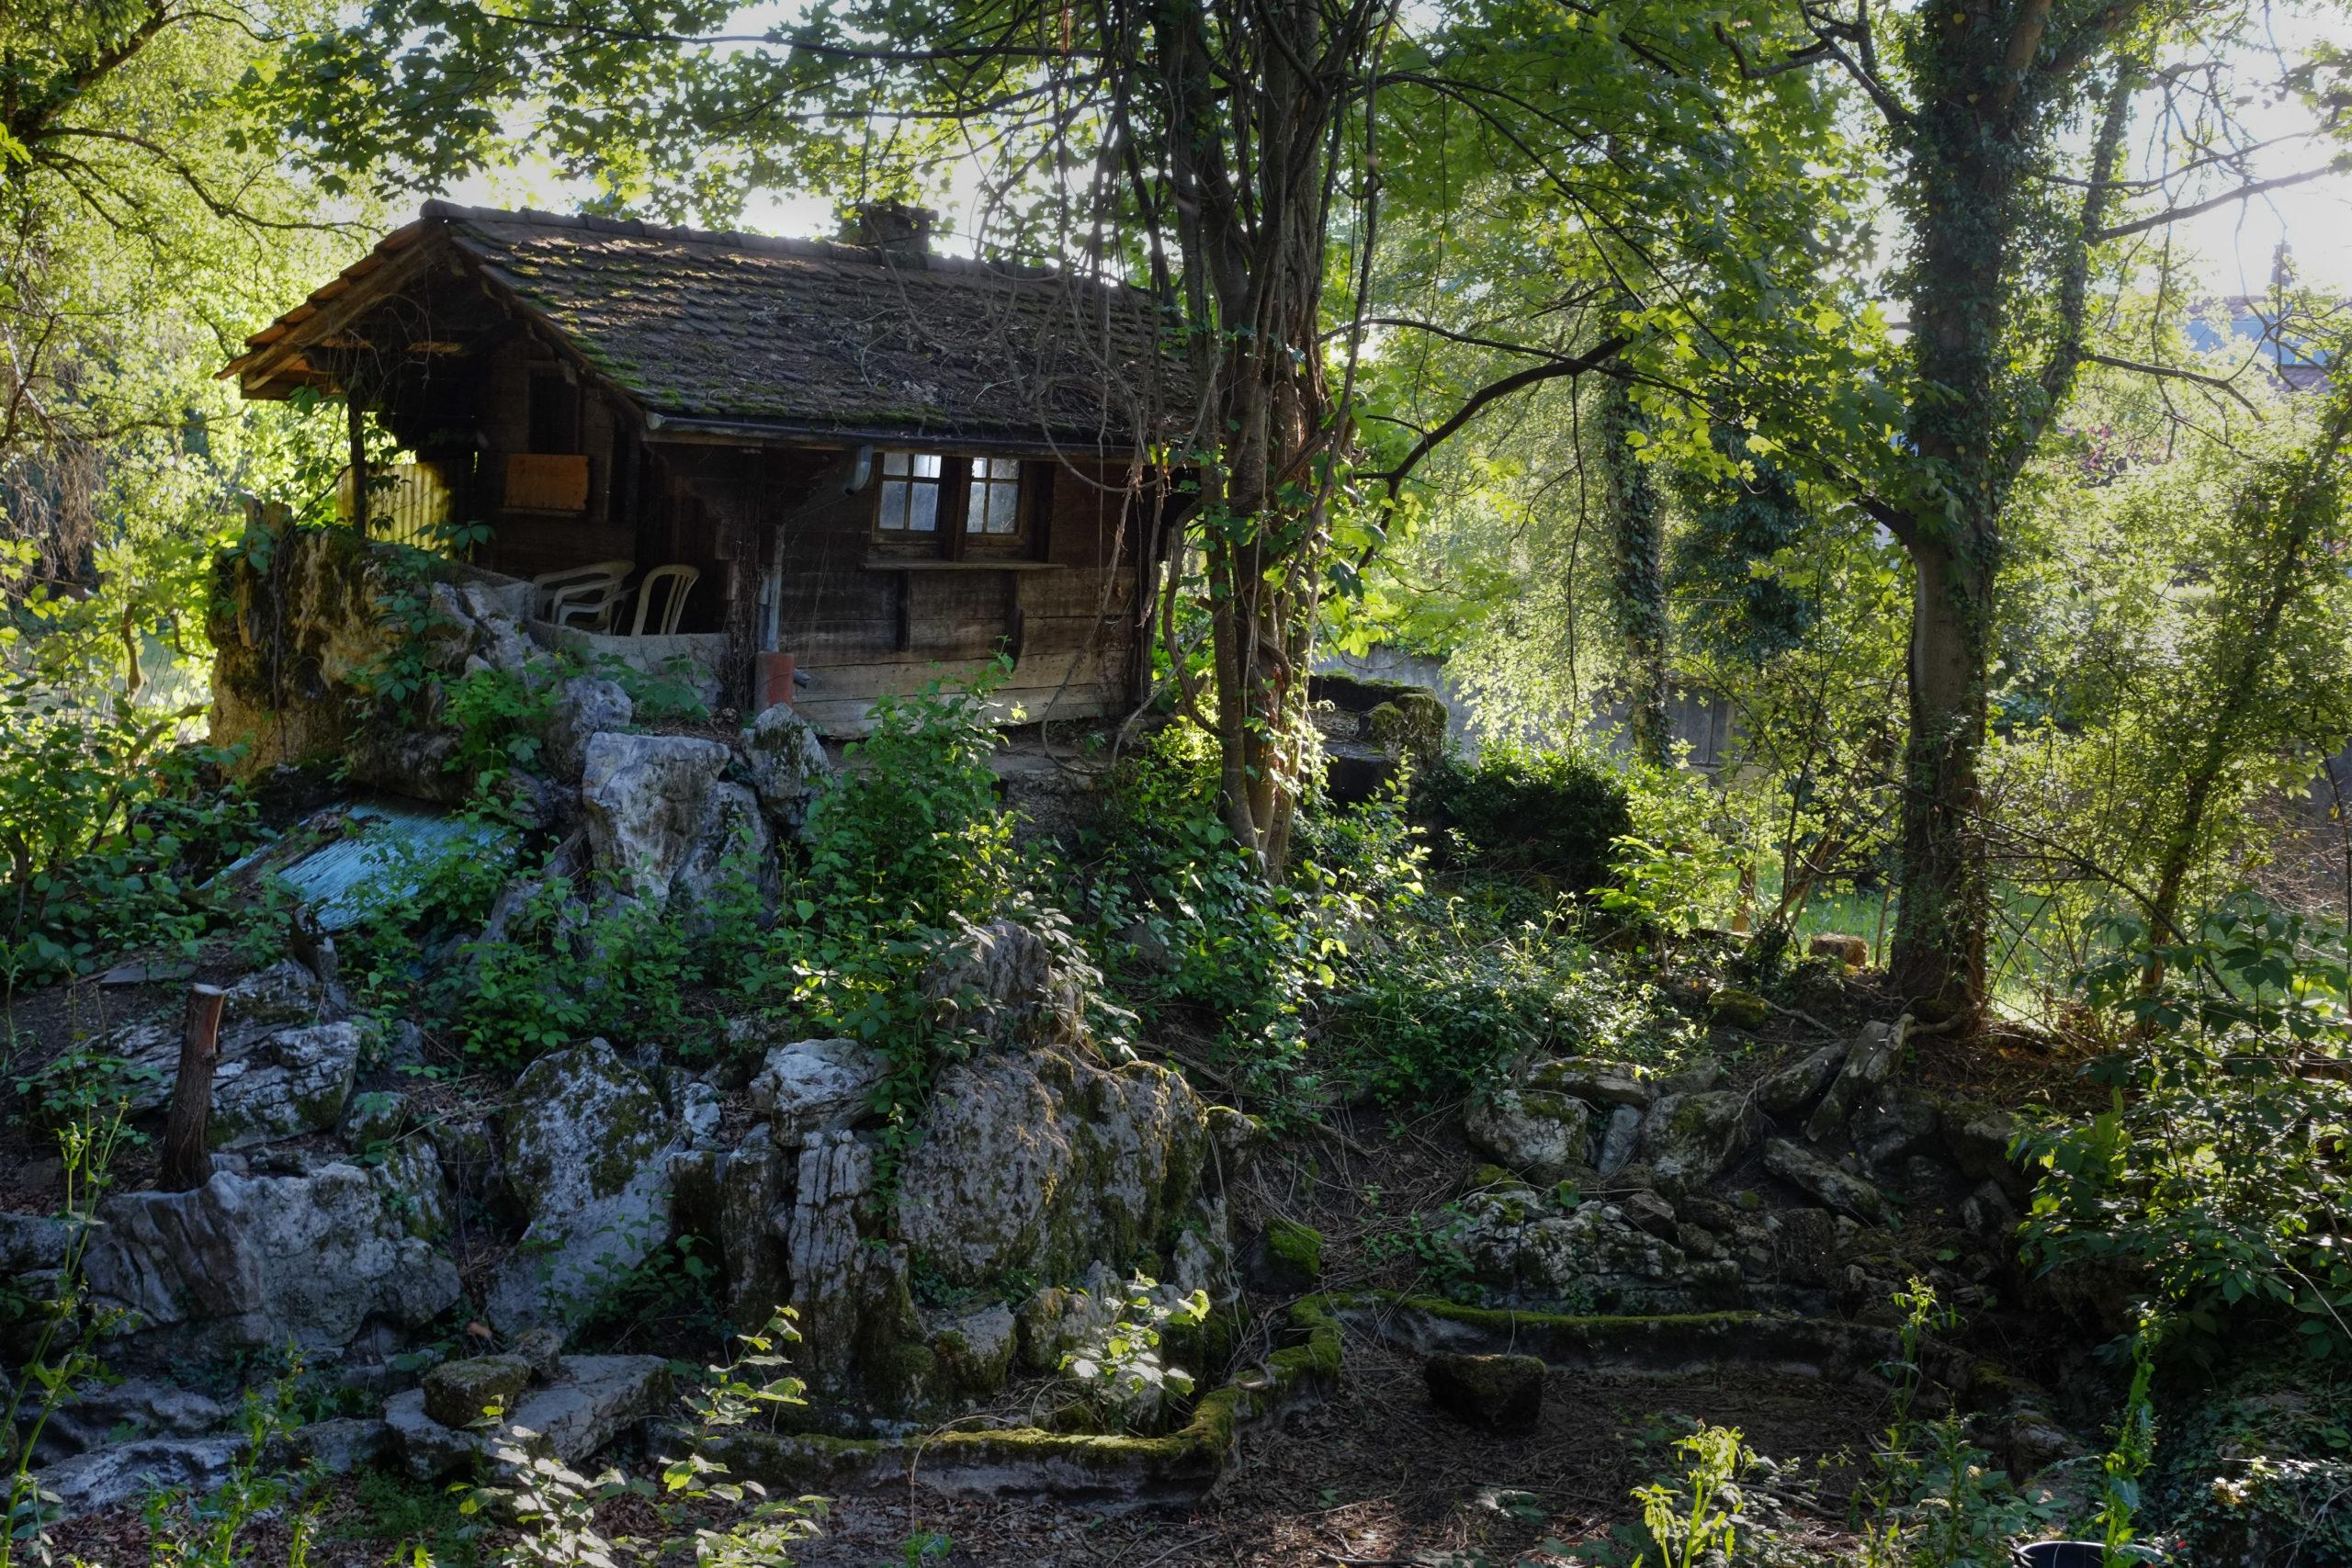 La cabane mystérieuse